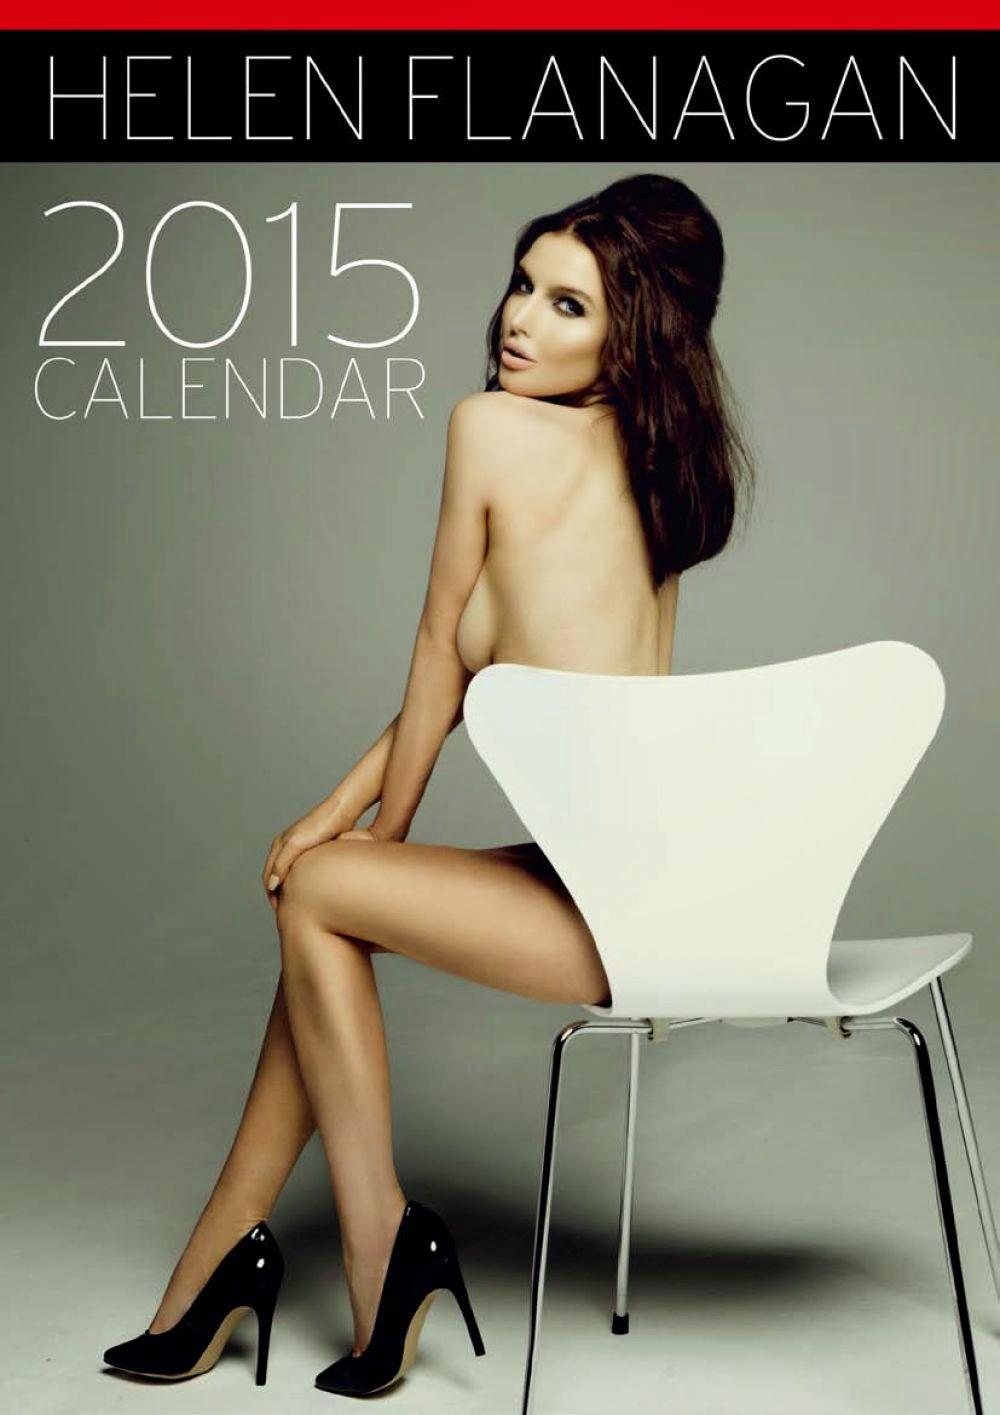 Helen Flanagan Calendar 2014 with regard to dragon: helen flanagan / 2015 calendar